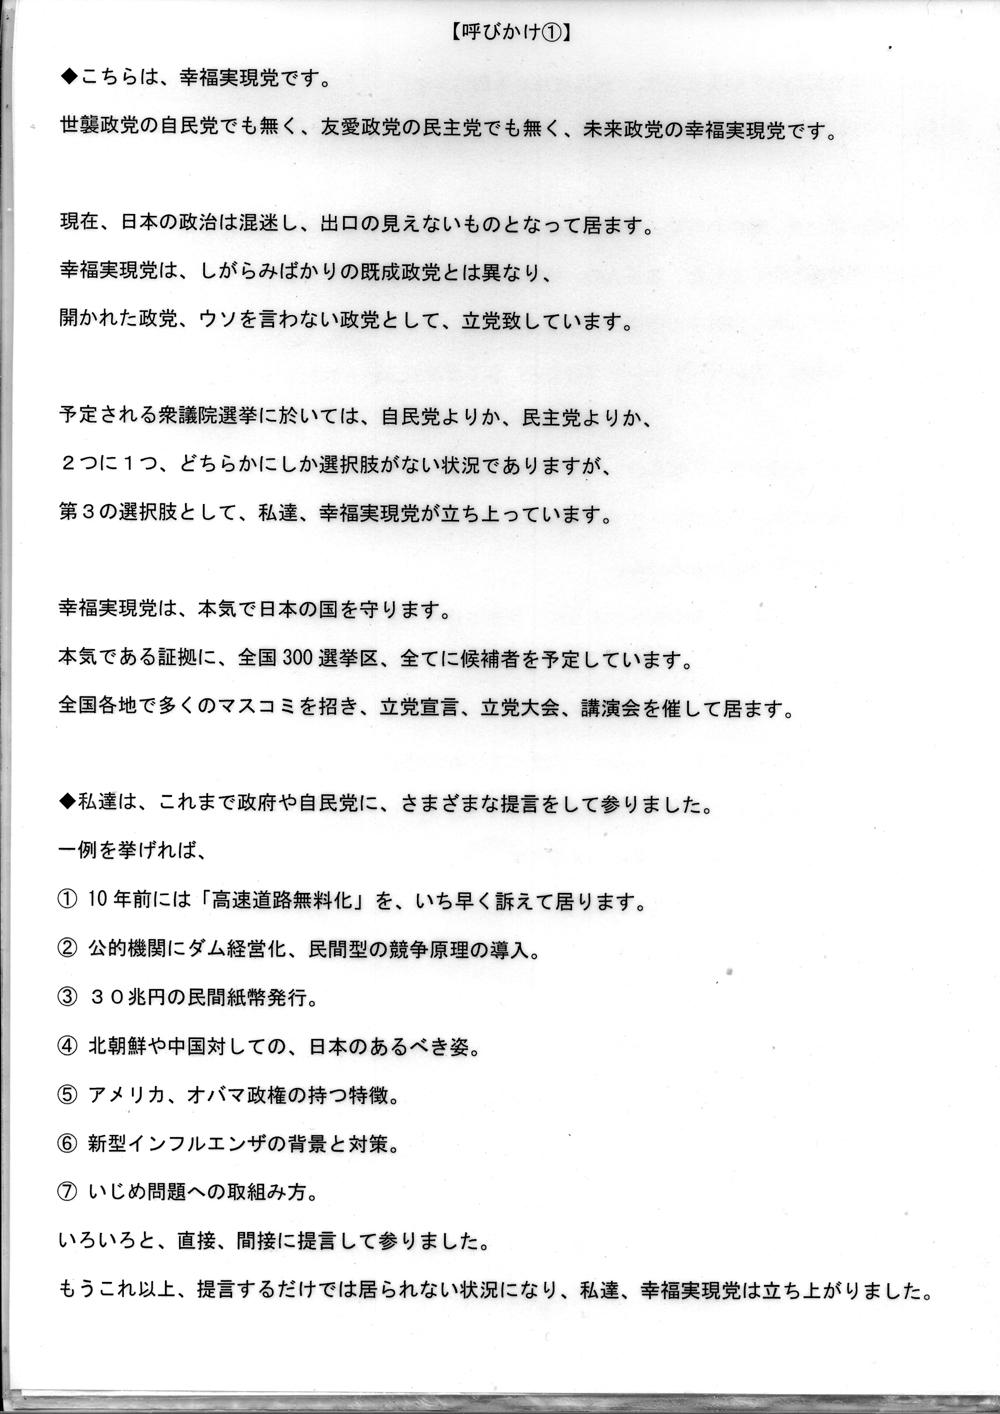 2012-08-07-01.jpg